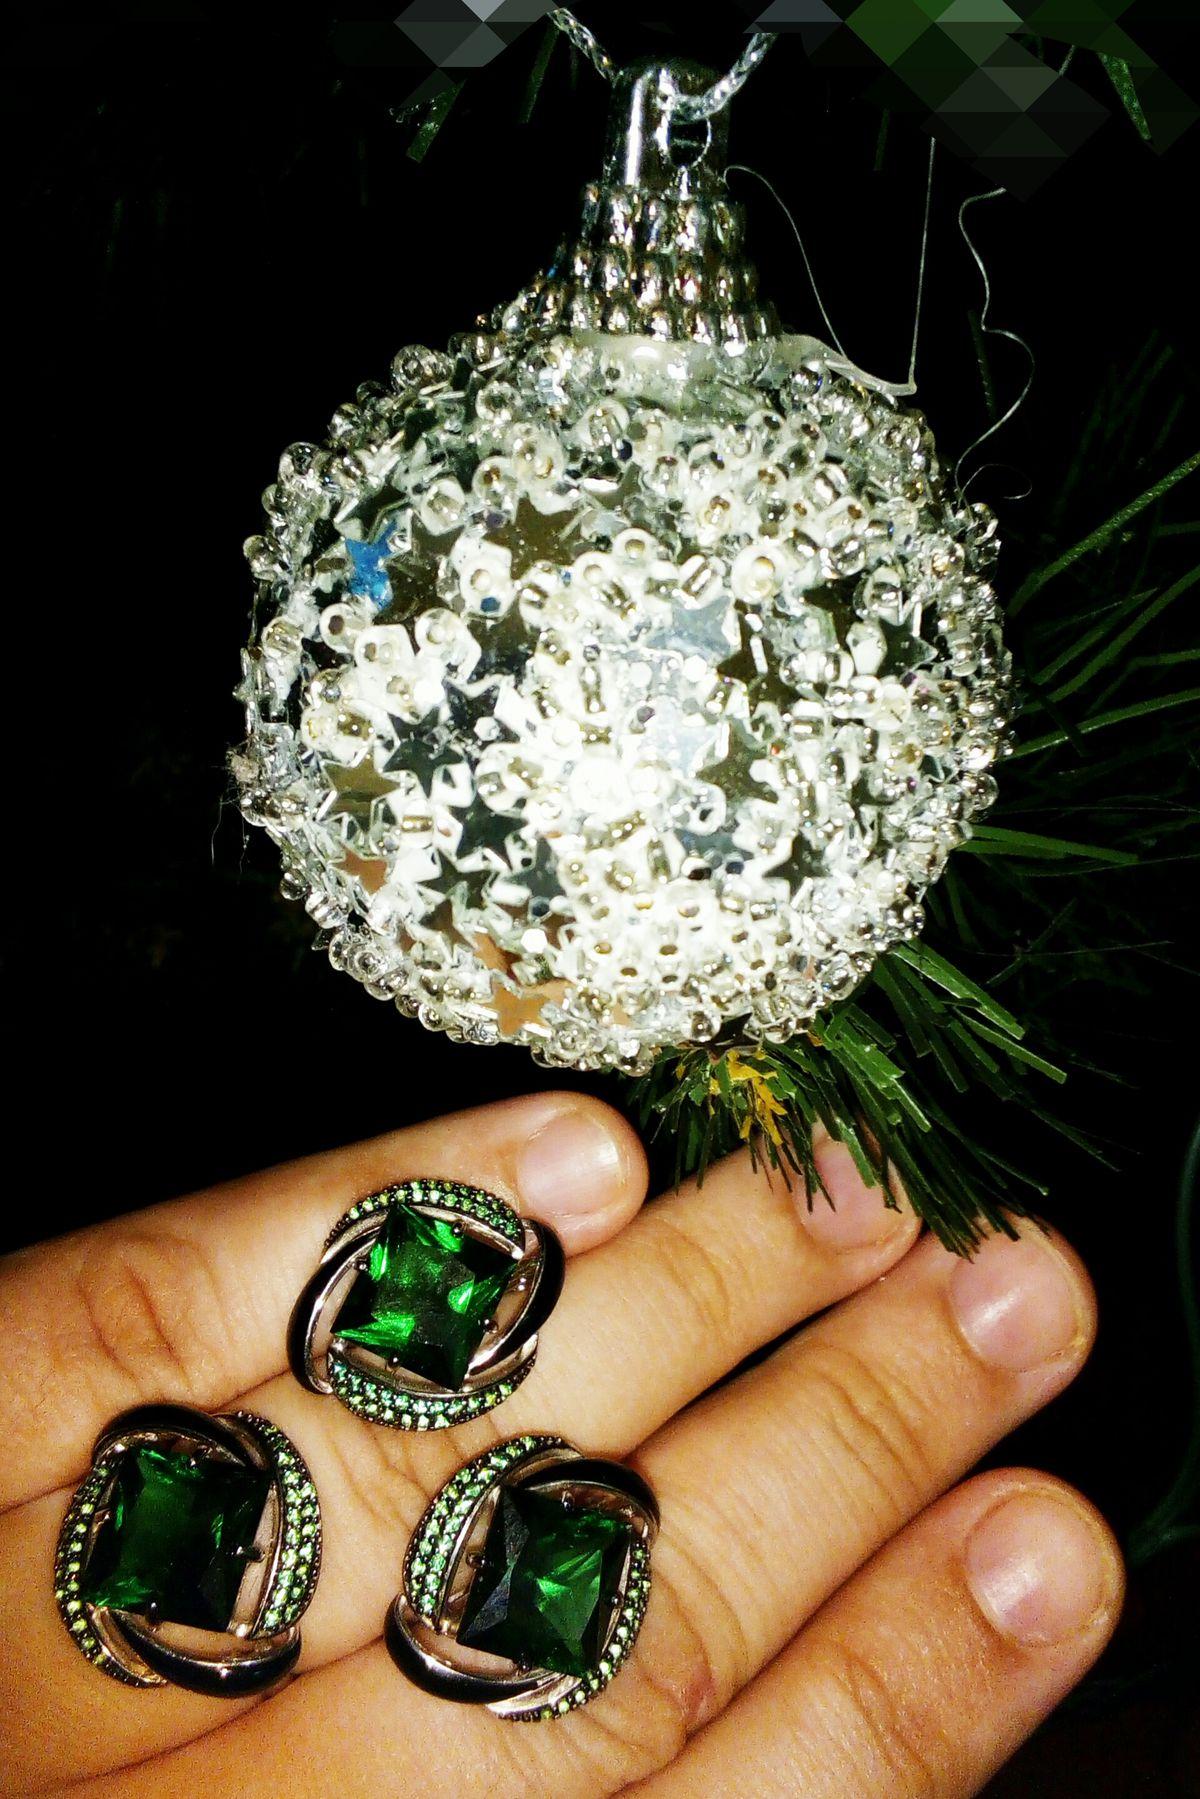 Супер красивы, яркие, большой камень травянистого оттенка, сочный